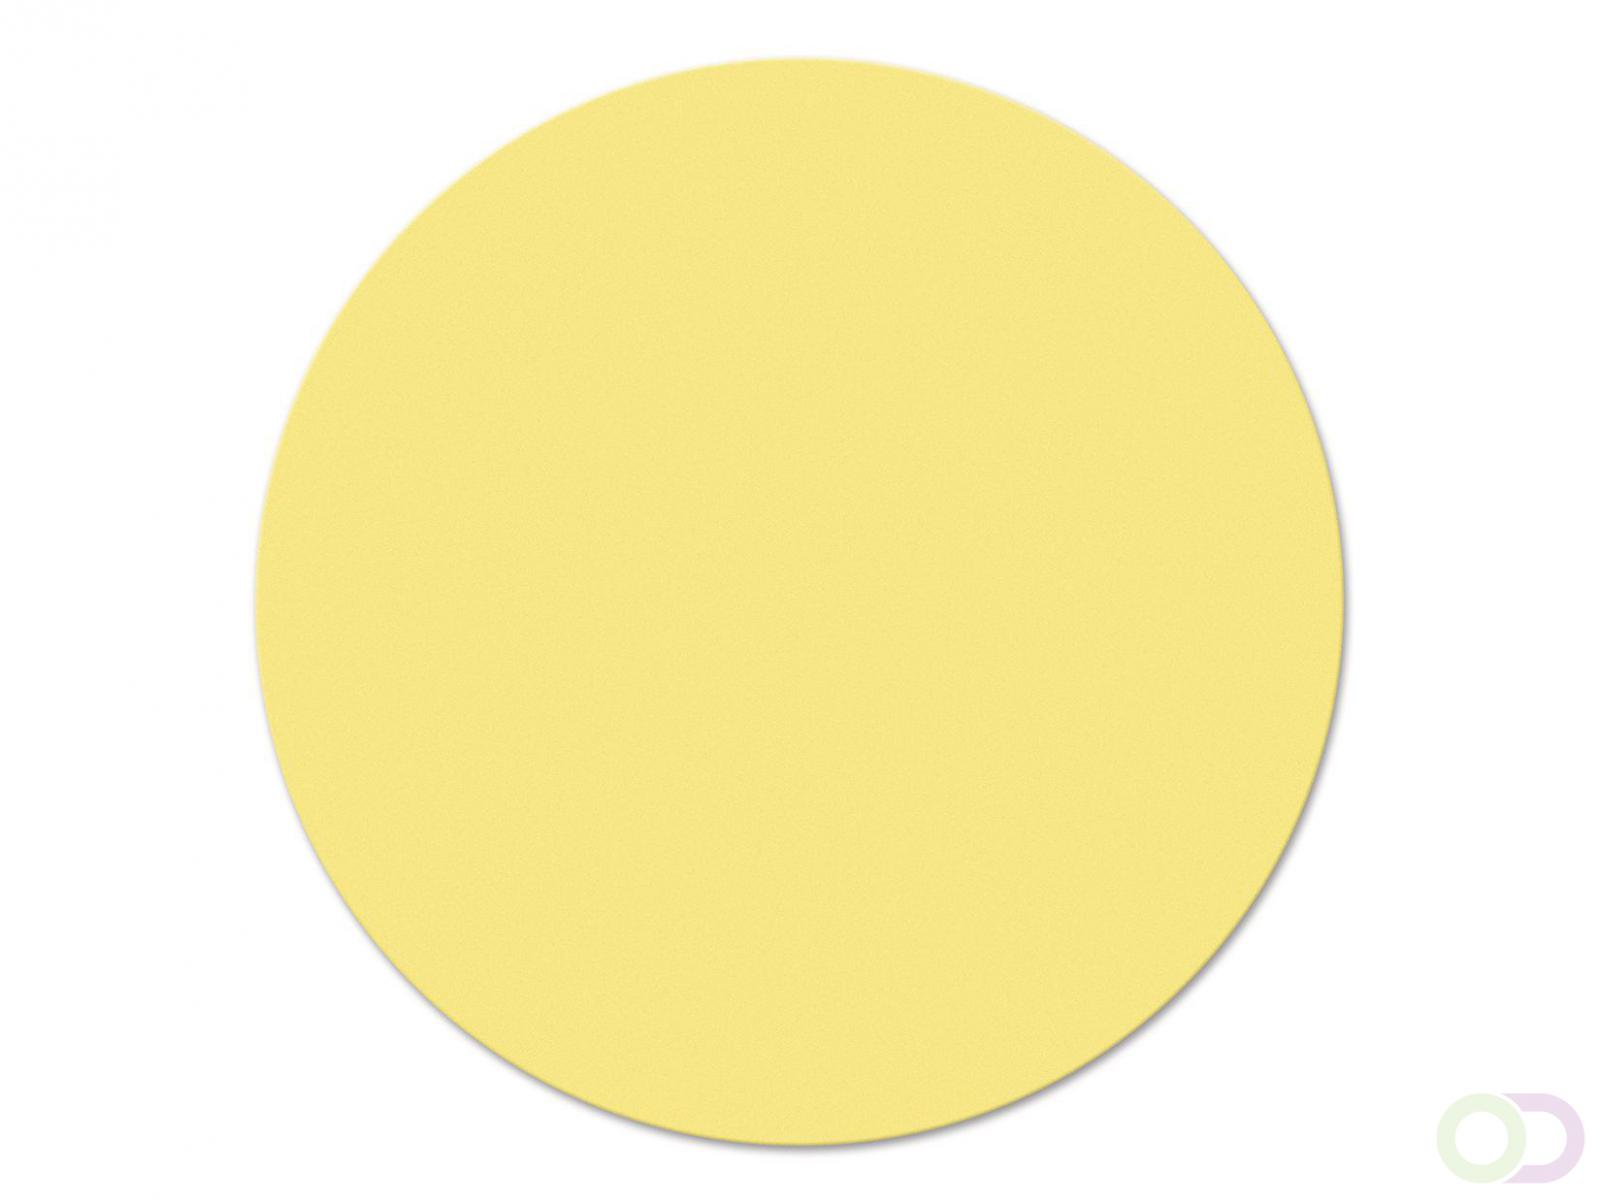 Ronde kaarten 19 cm, 500 stuks geel